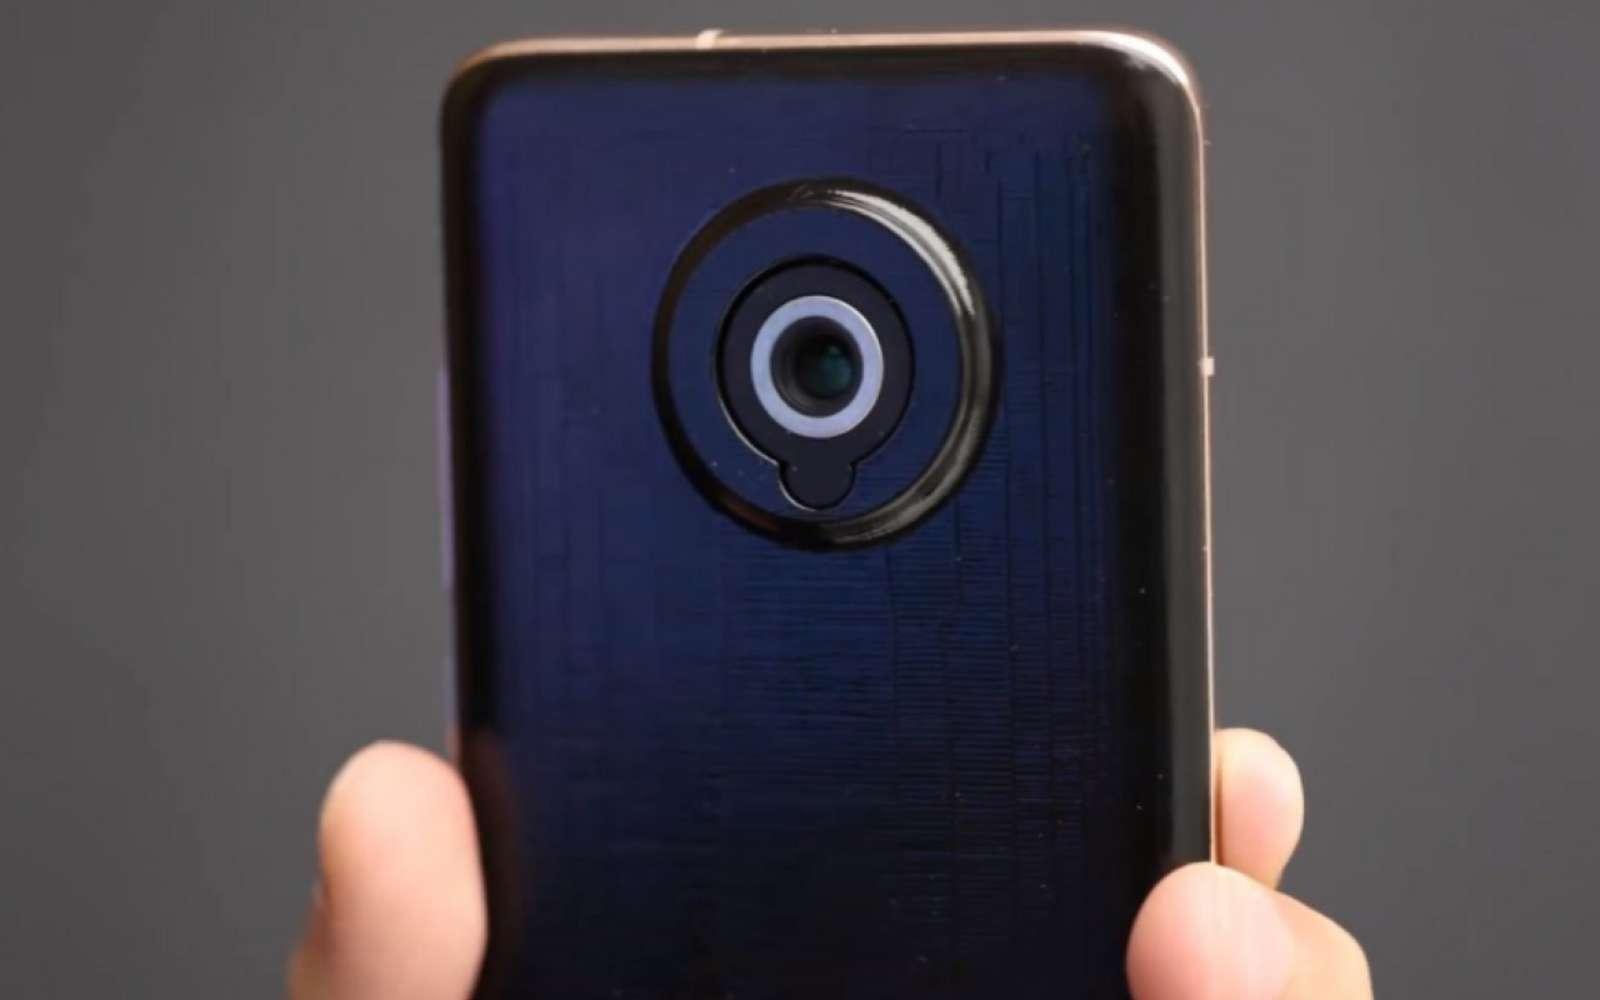 Ce module photo sort du mobile pour disposer d'un véritable téléobjectif et le fait ressembler à un authentique appareil photo compact. © Xiaomi